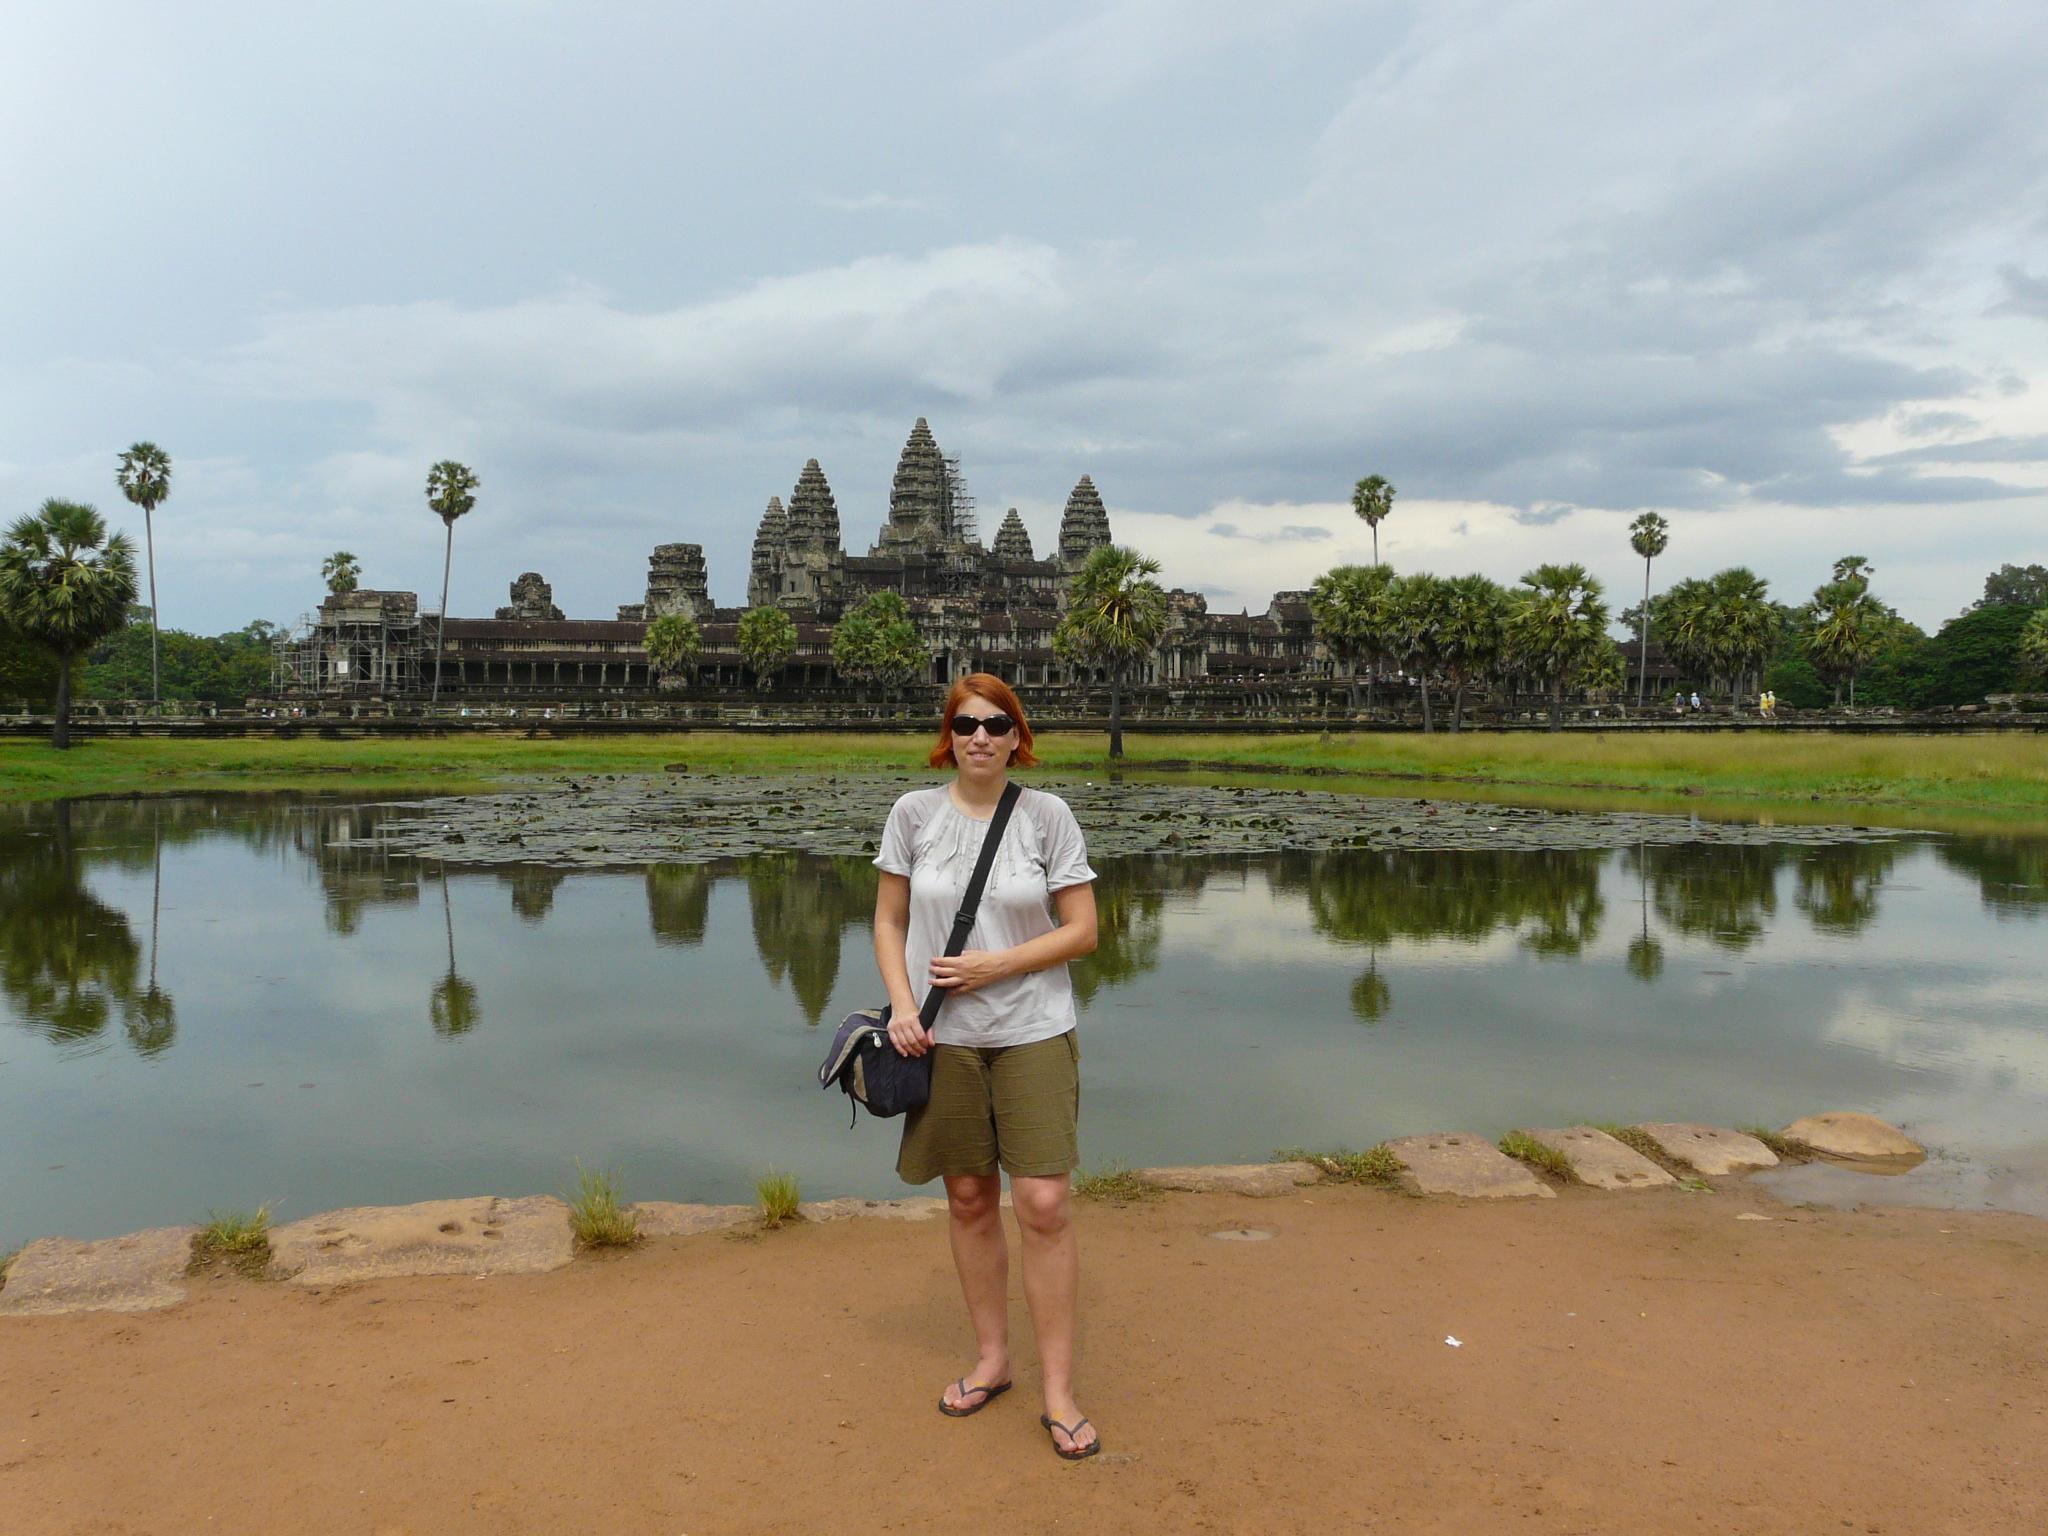 reiseblogger-anja-beckmann-bei-angkor-wat-kambodscha